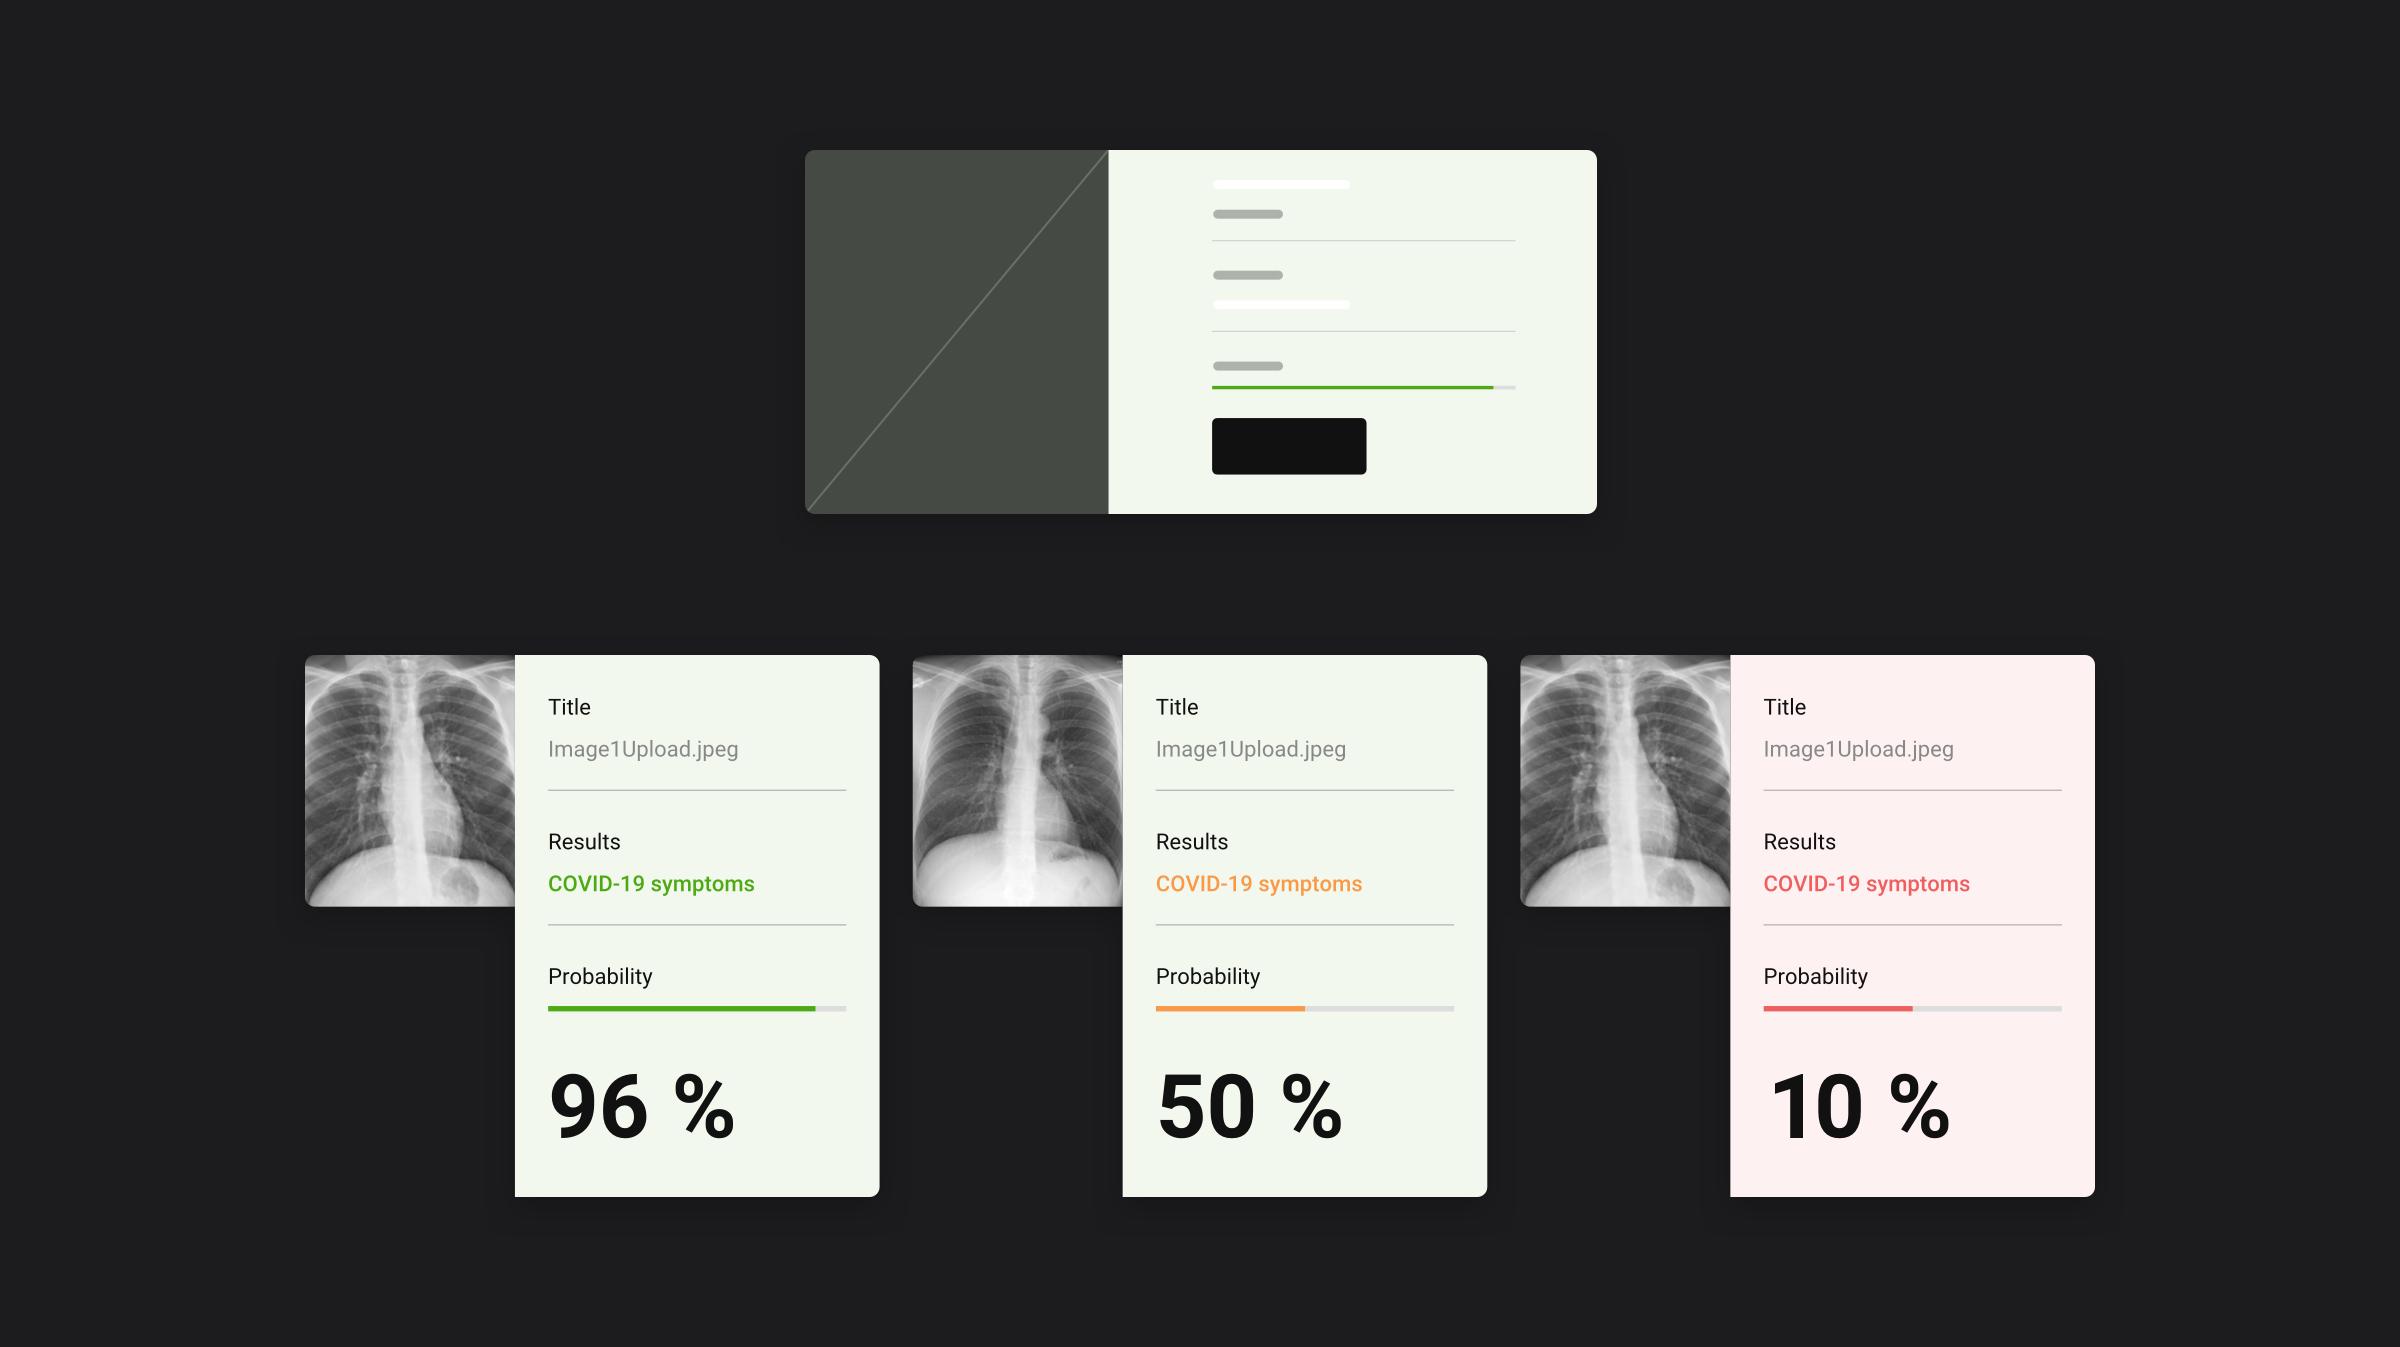 HD-Planche-POCOVIDSCREEN-results-screen-intro-dark-2-3